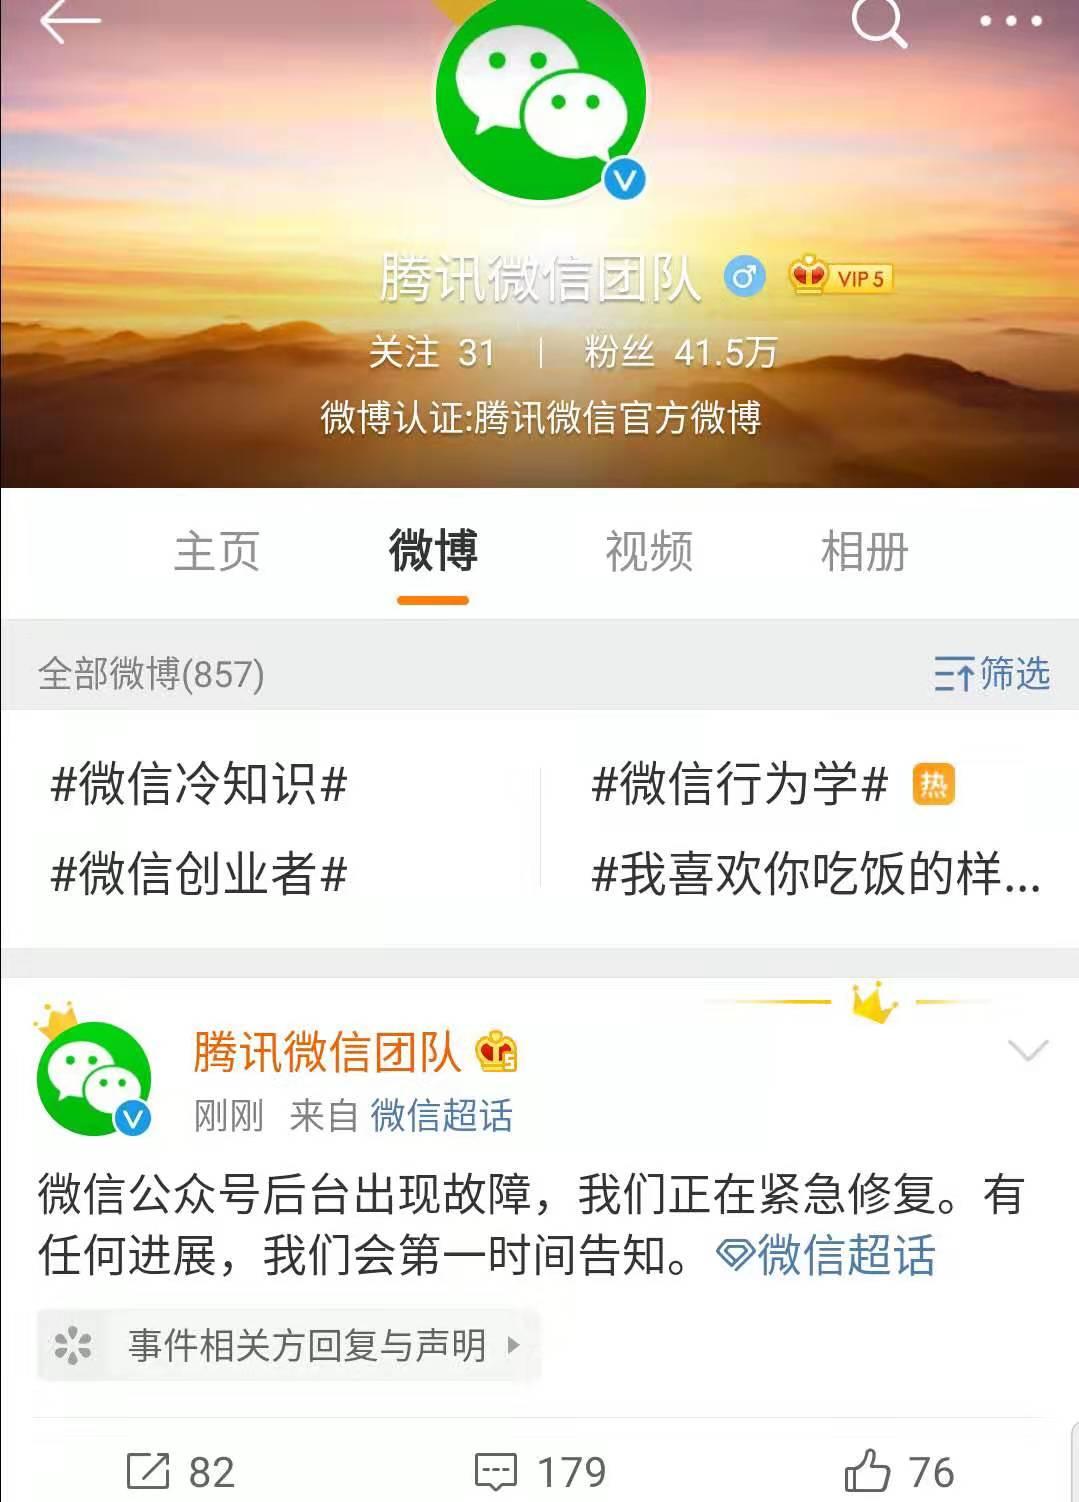 腾讯微信团队:公众号后台出现故障,正在紧急修复